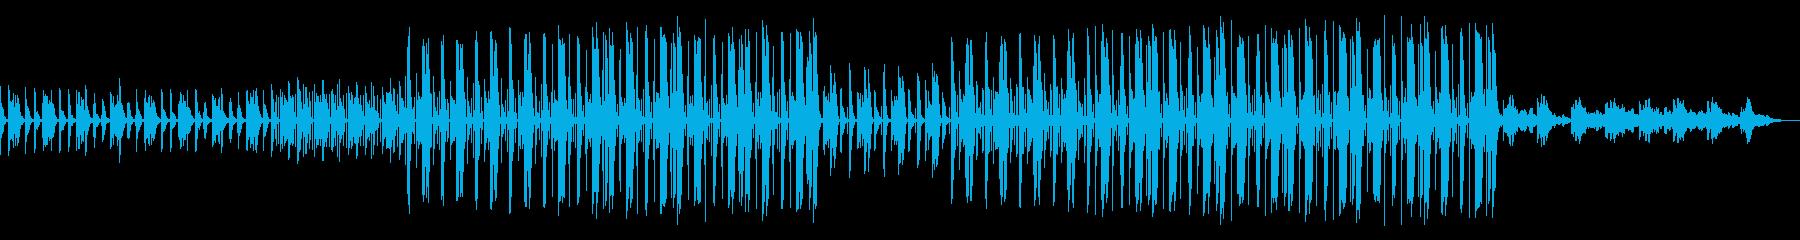 レトロ どんより トラップビートの再生済みの波形